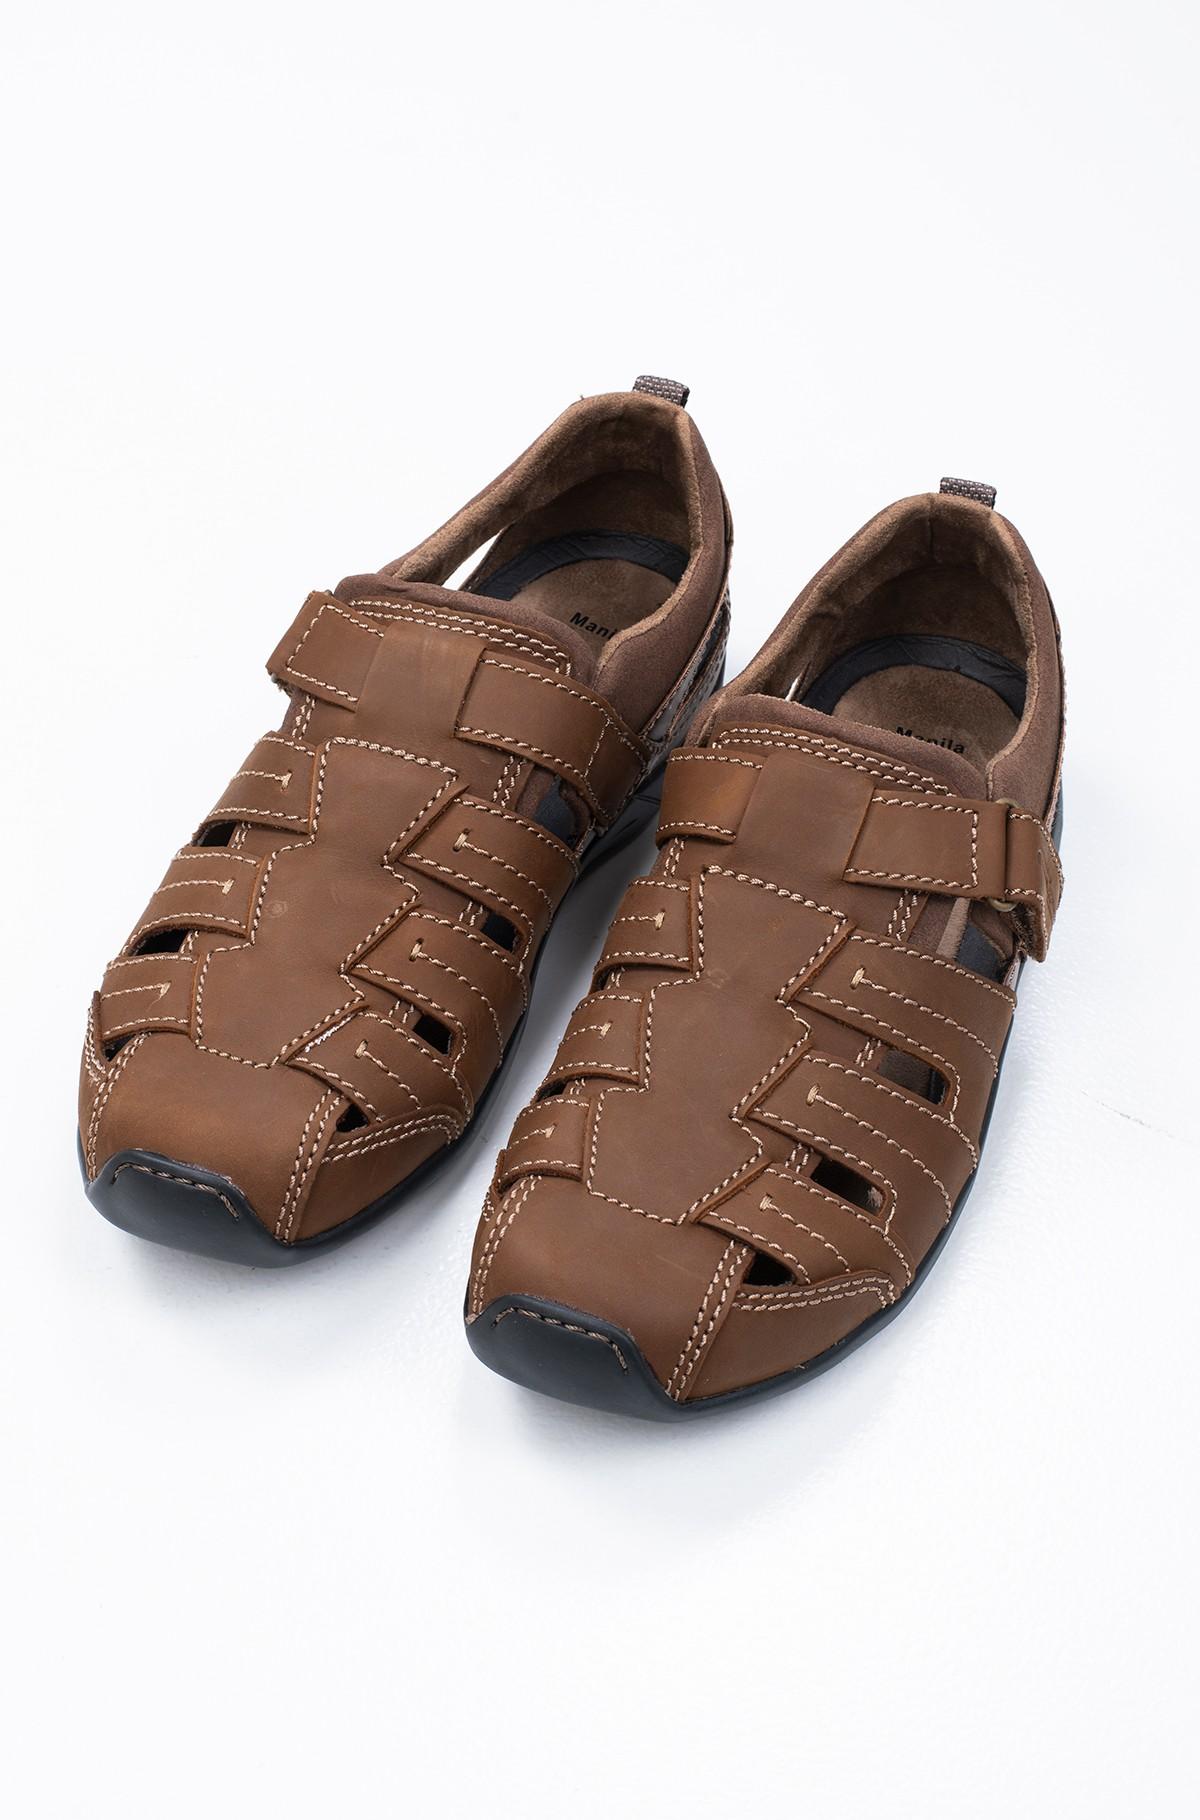 Kinnised sandaalid 292.12.10-full-2